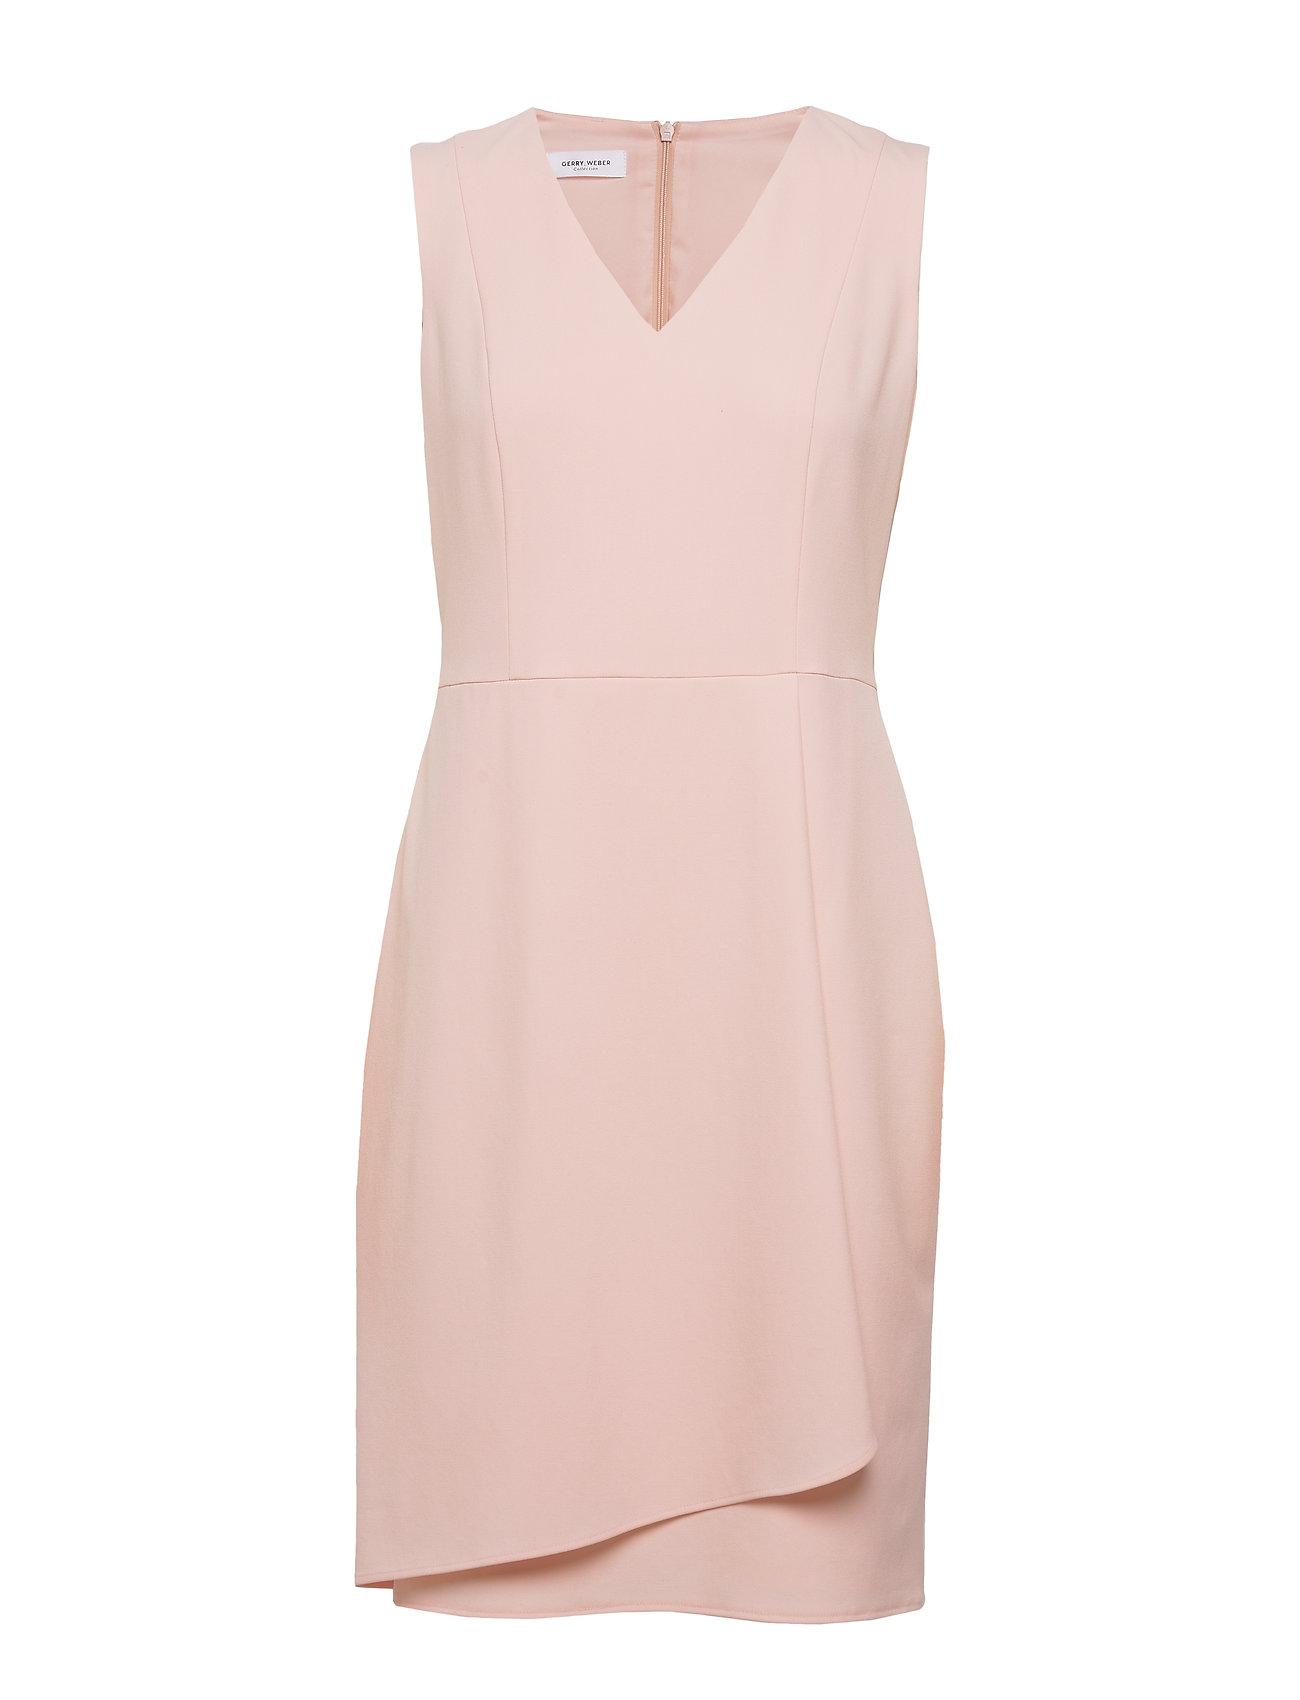 dress woven fabric kleid knielang pink gerry weber | foccz